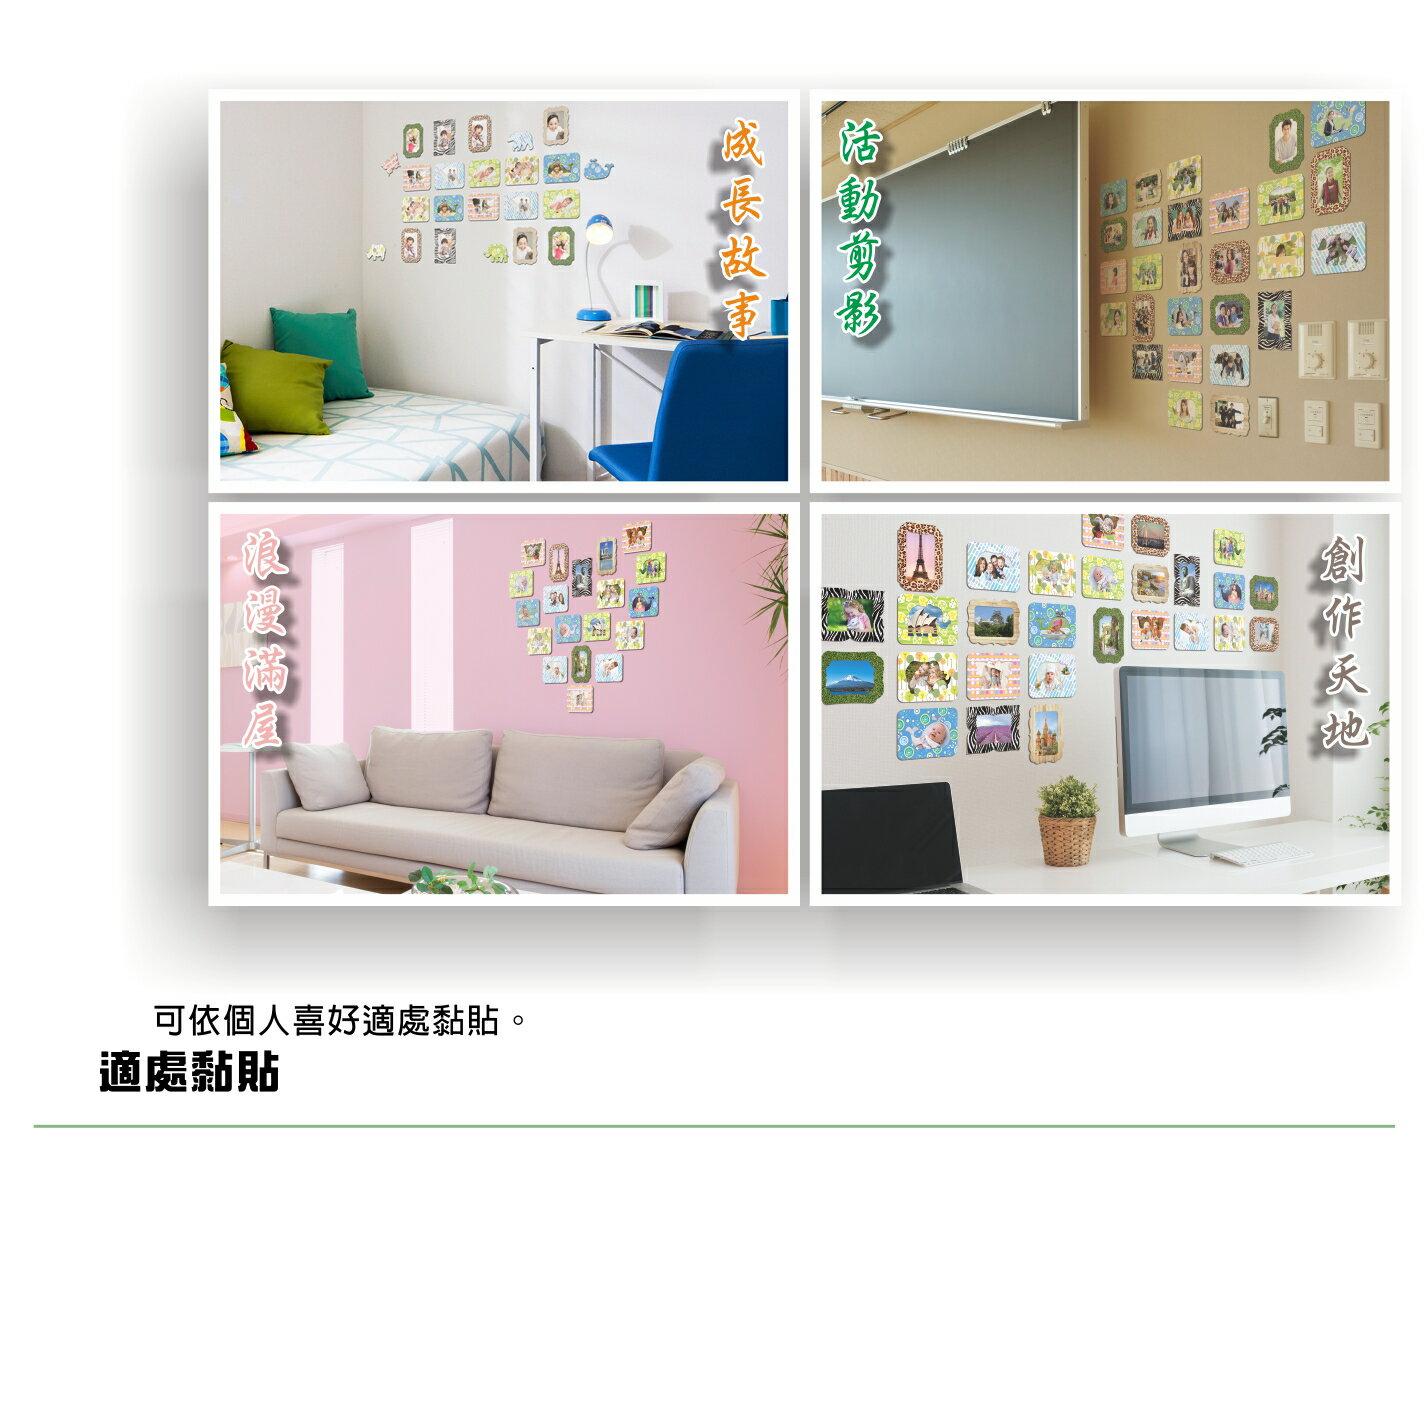 *相框(春節新款預購)*創意、無痕、裝飾-相片牆 照片牆 壁貼 牆貼 相簿/大威寶龍【隨興布相框】-復古系列 12片組 7